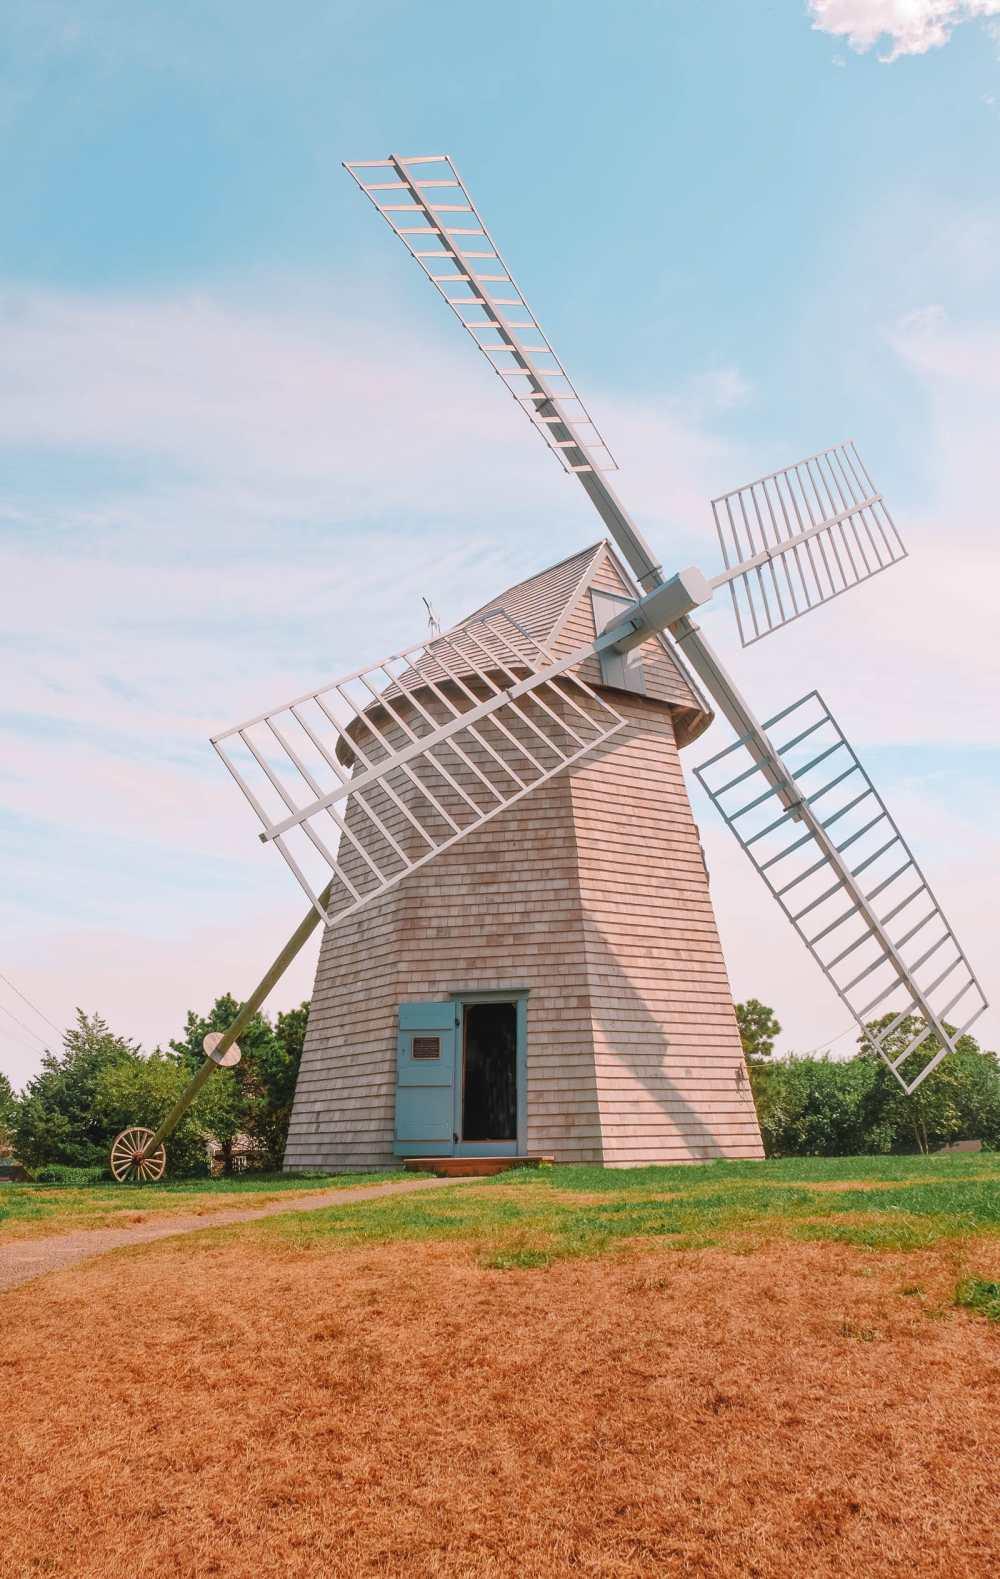 Windmill In Cape Cod In Massachusetts